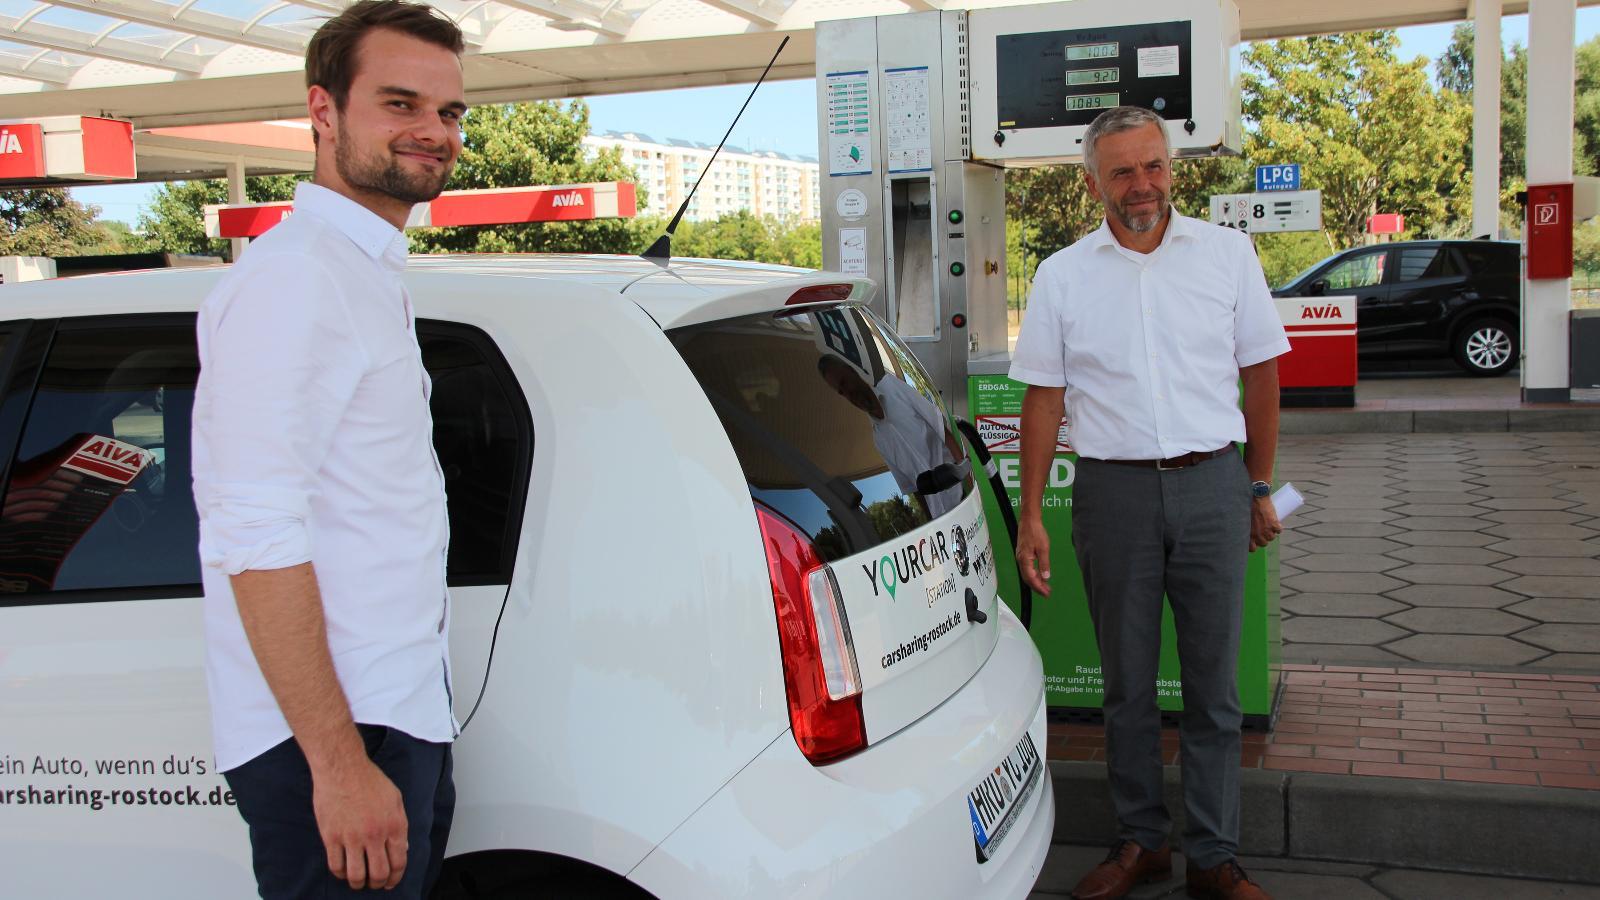 Carsharing mit Erdgas